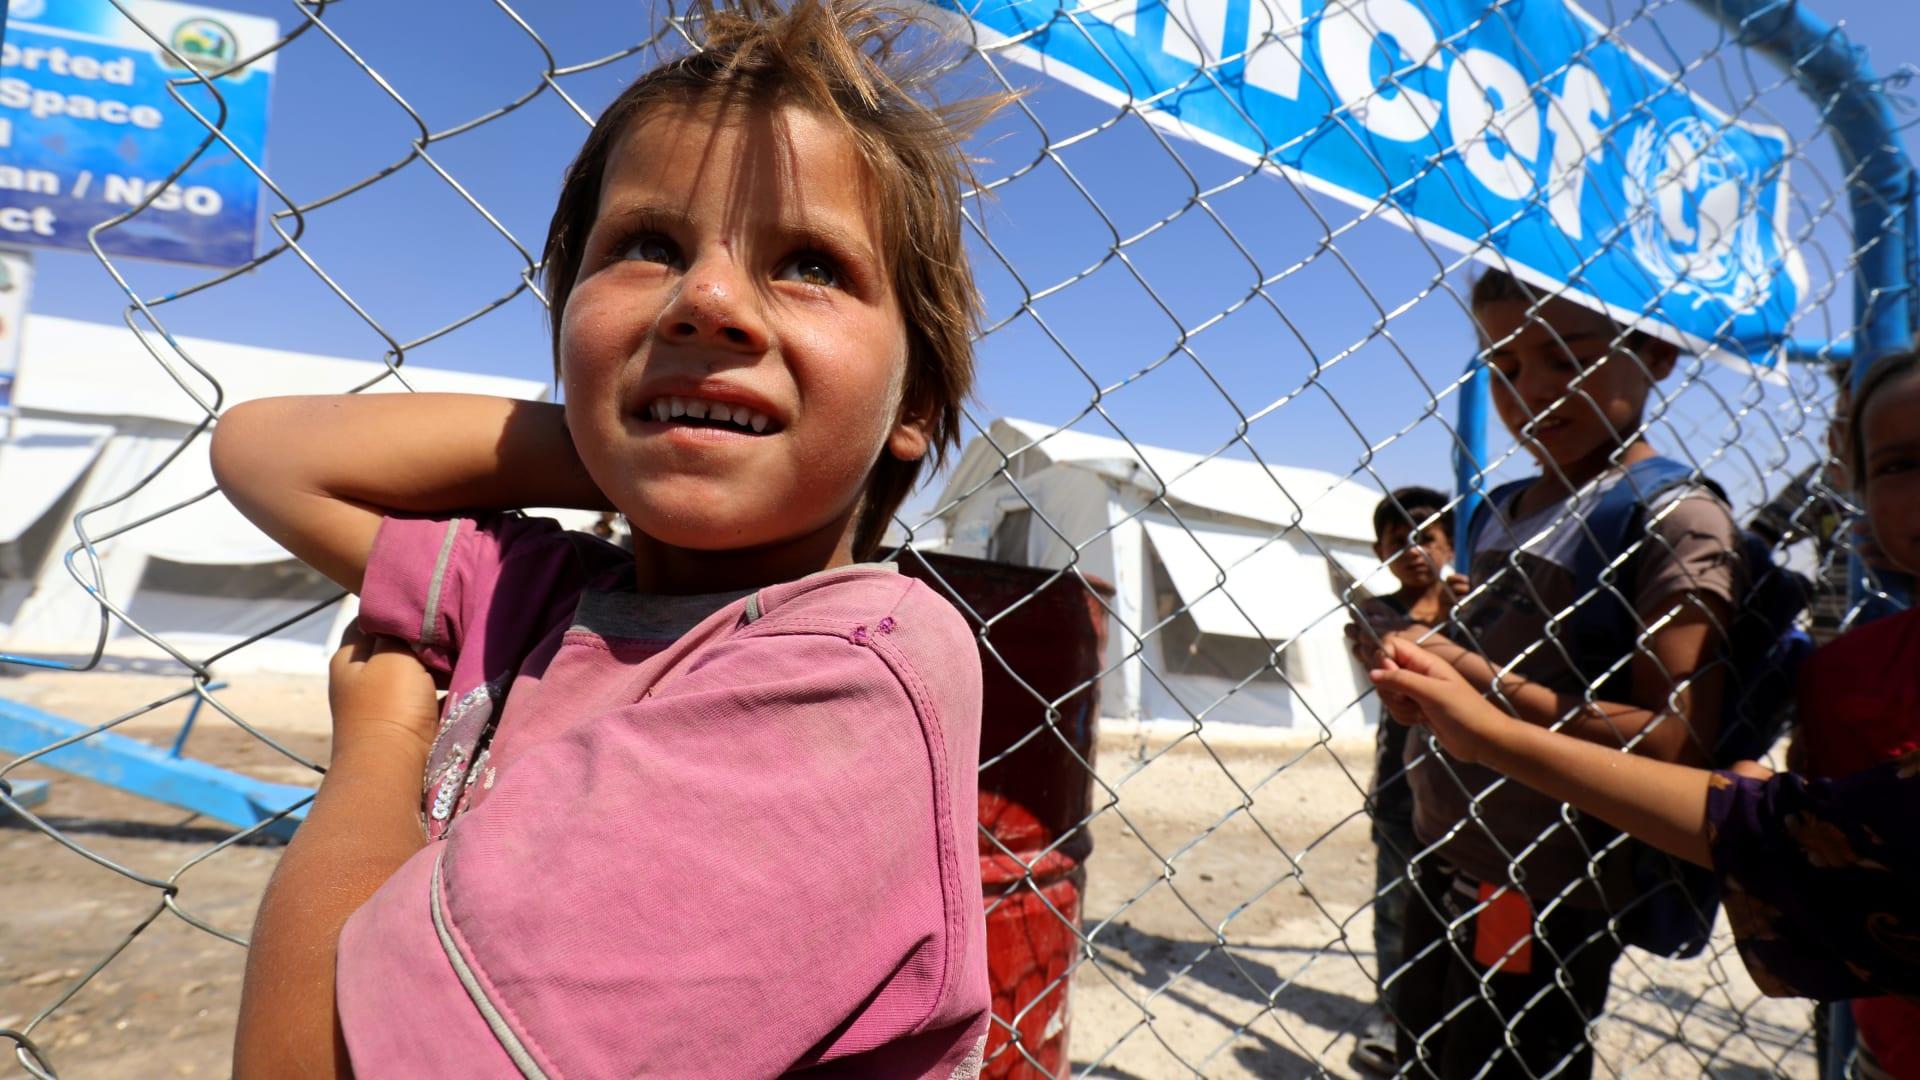 يونيسف تطلق أكبر نداء في تاريخها لتمويل مساعدات الطوارئ لـ 59 مليون طفل بالعالم